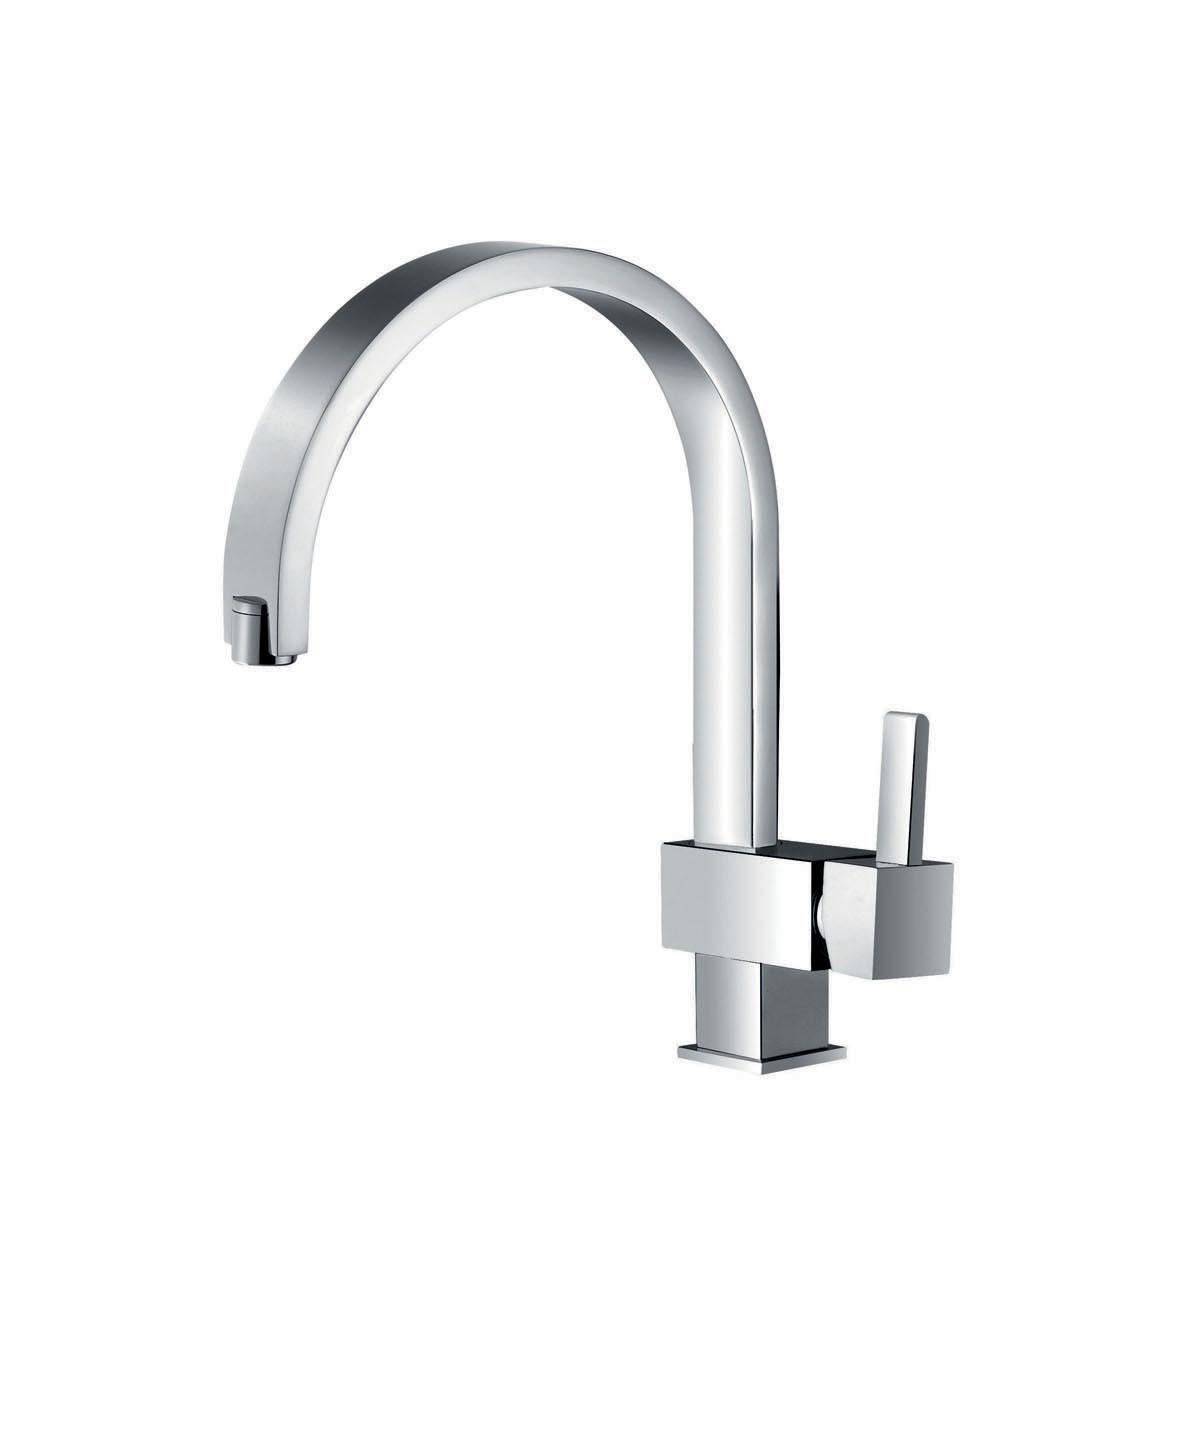 Bathroom Basin Faucet Mixer AC630